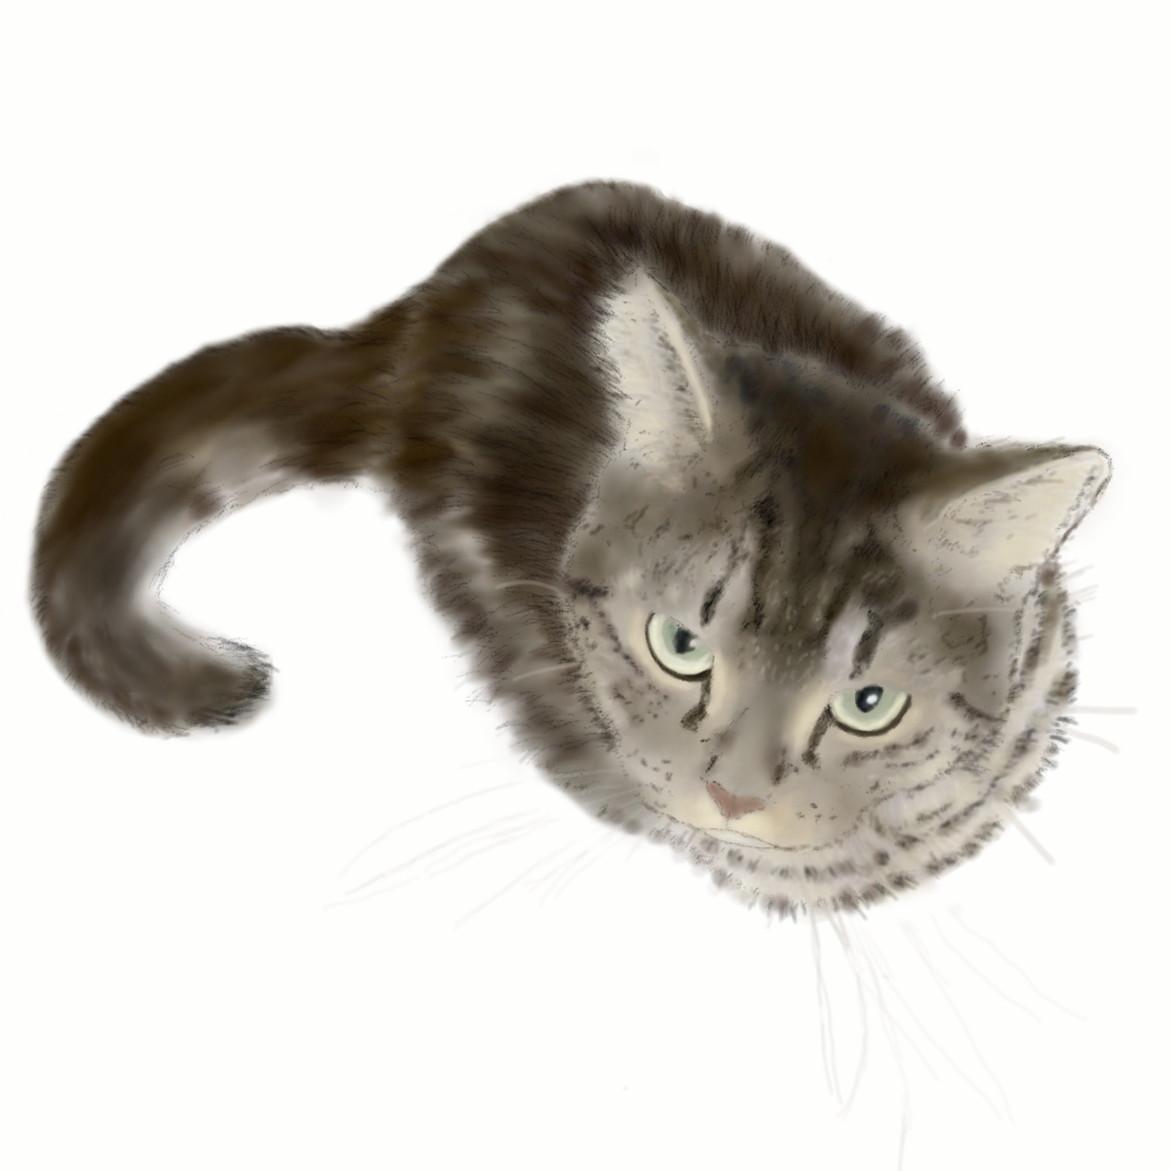 絵画 絵 ピクチャー 縁起画 モダン シェアハウス アートパネル アート art 14cm×14cm 一人暮らし 送料無料 インテリア 雑貨 壁掛け 置物 おしゃれ ネコ ねこ 猫 動物 アニマル キャット  デジタルアート ロココロ 画家 : rune 作品 : ぼくとあそんで